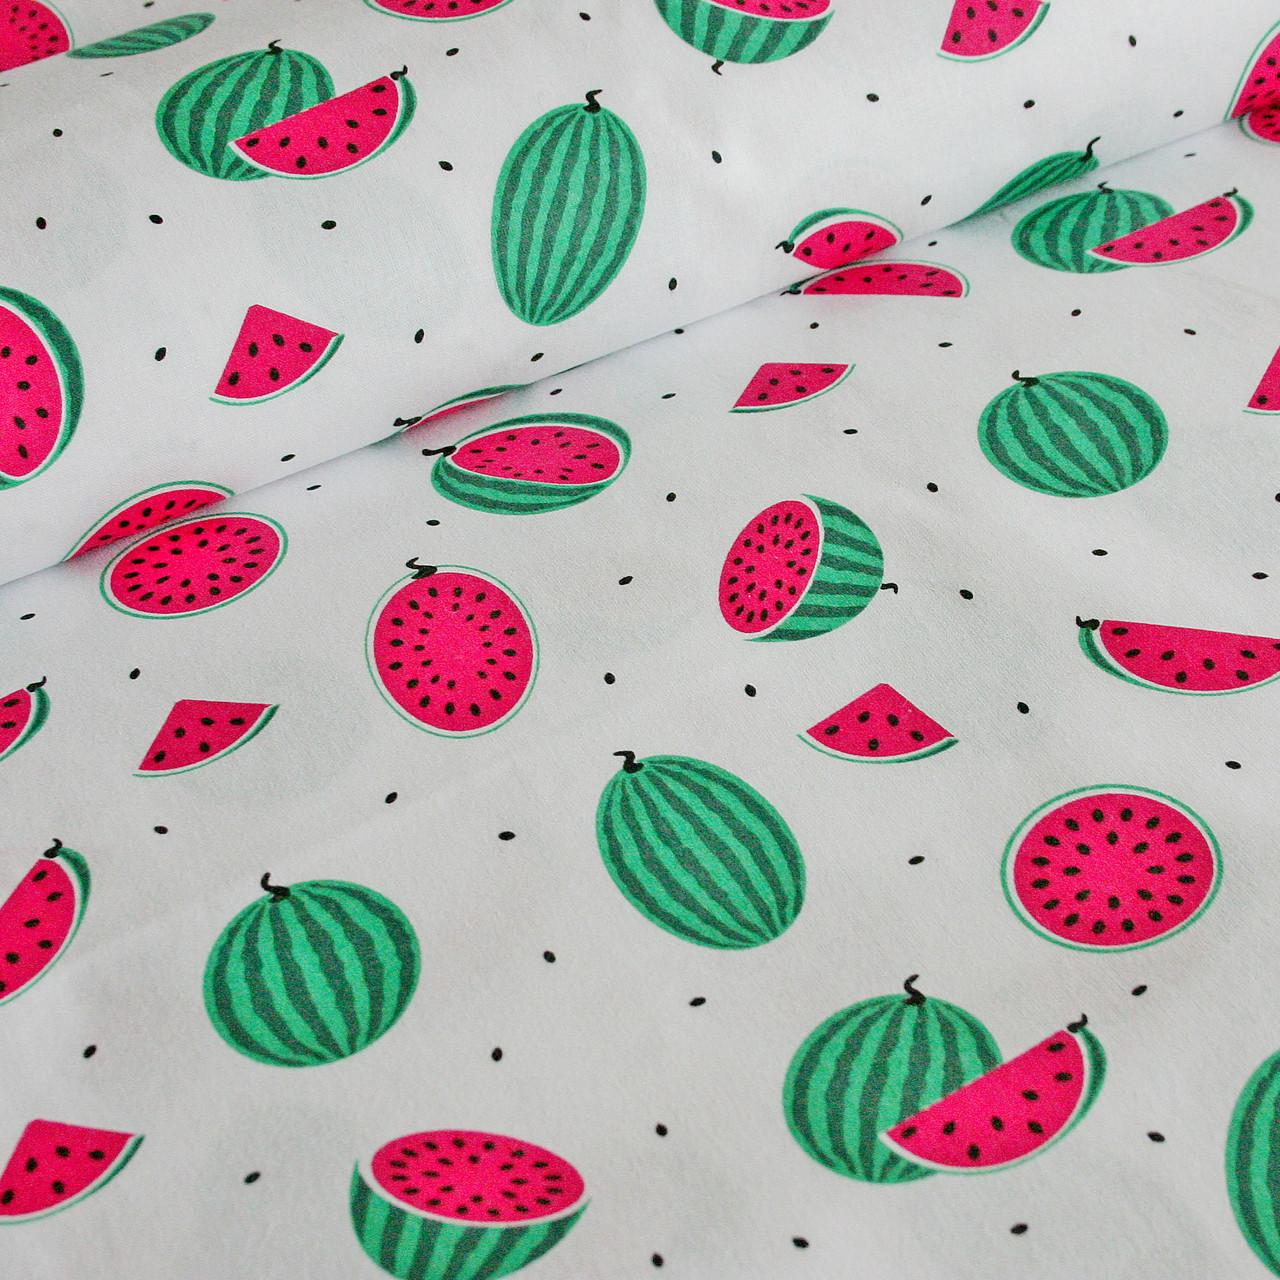 Хлопковая ткань польская, арбузы маленькие красно-зеленые и черные семечки на белом